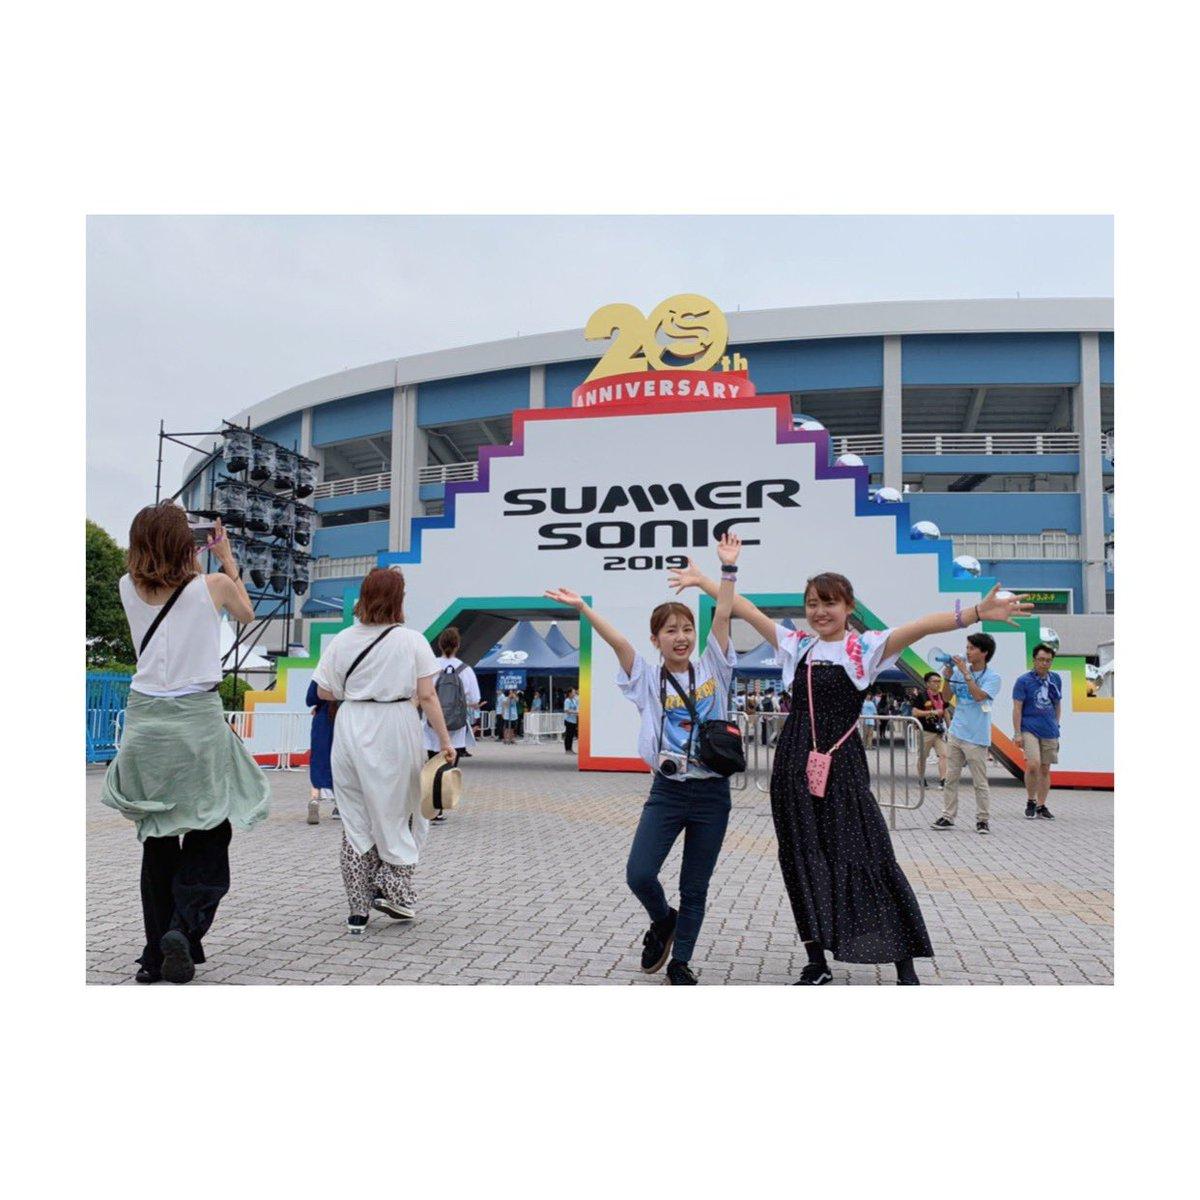 ブログ更新💫\08.16/ 🎪🌴☺︎SUMMER SONICtiktok spot lightステージありがとうございました🙇🏻♀️💭明日は京阪樟葉駅にて16:30〜路上LIVEです!!!🌟8/25jouleチケットゲットよろしくお願いします🌨💘